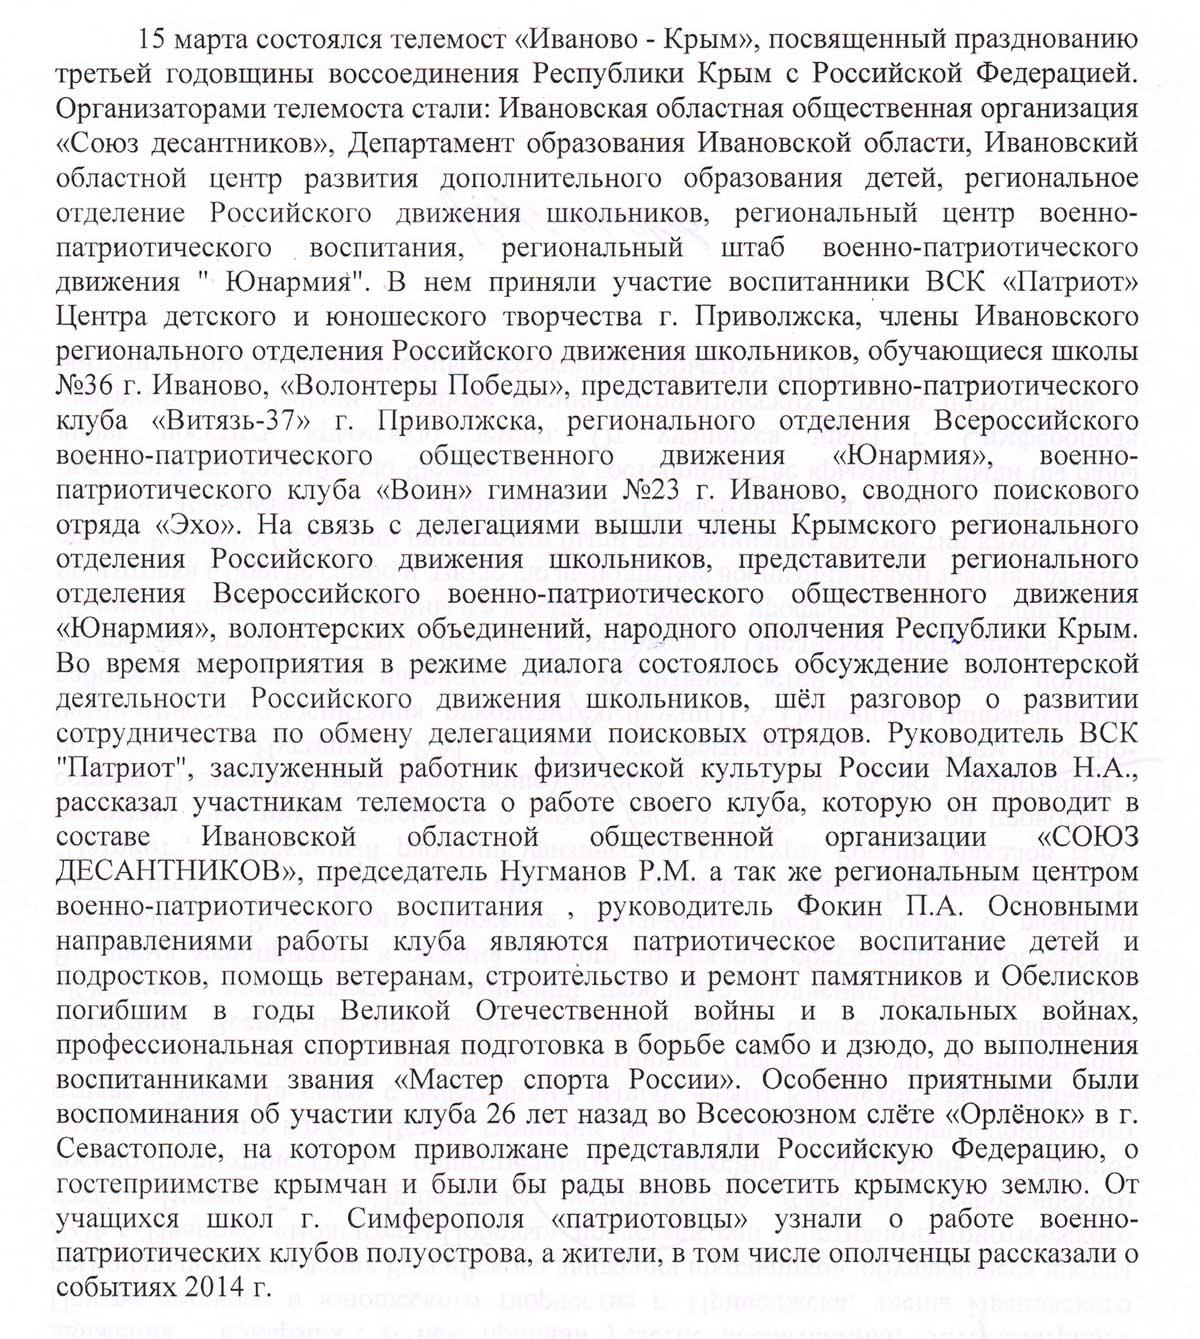 Телемост Иваново-Крым